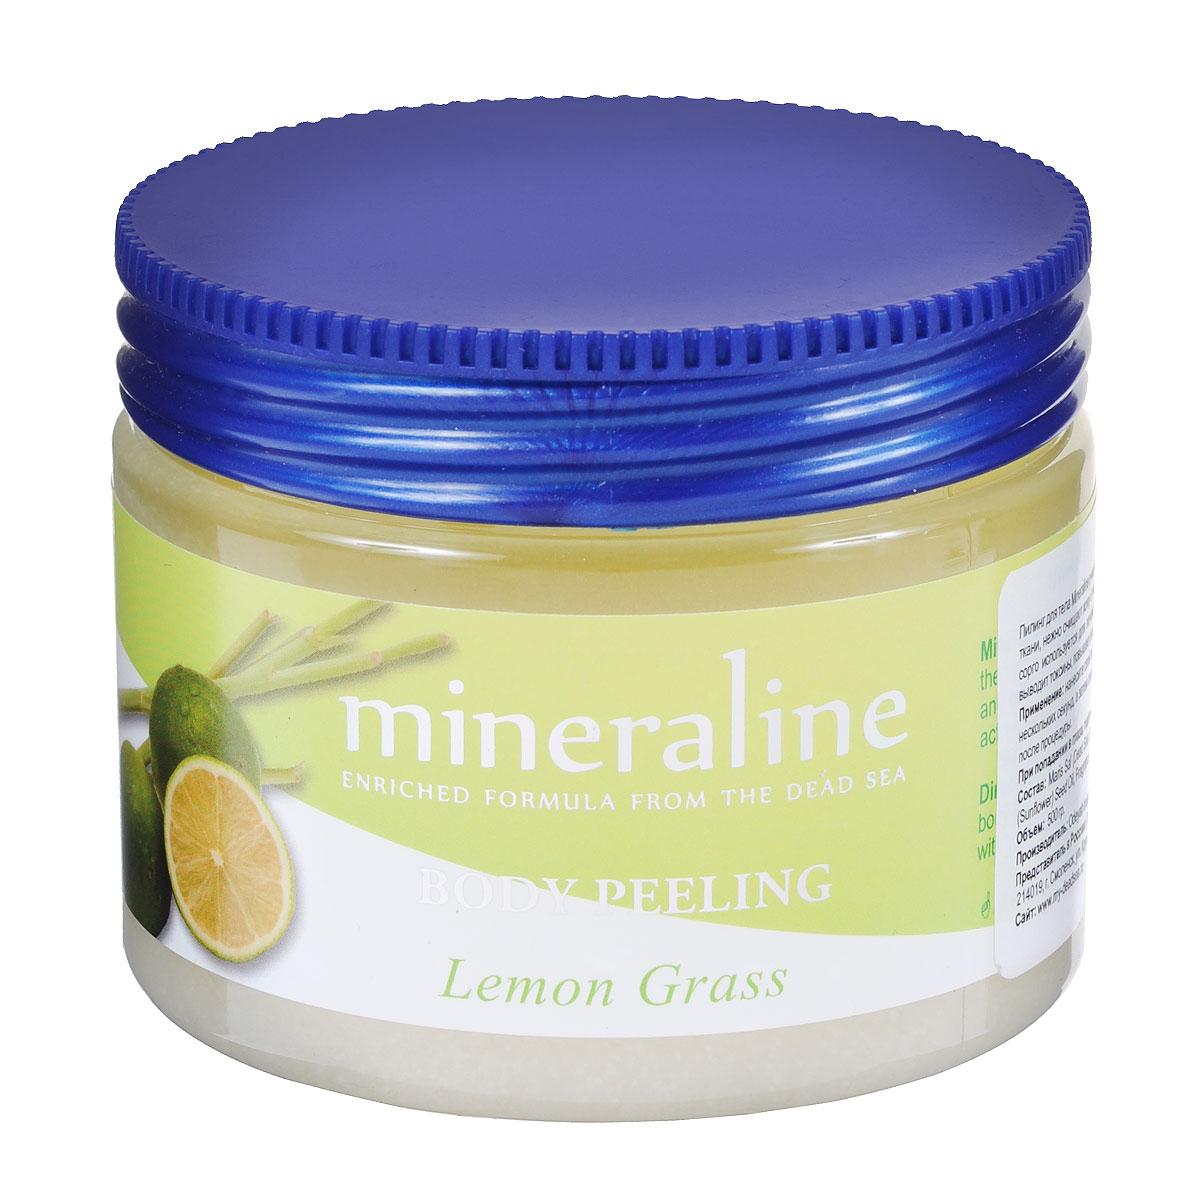 Mineraline Пилинг для тела Лимонник, 500 гFS-00897Пилинг для тела Mineraline очищает и полирует кожу, делая ее мягкой и бархатистой. Активные вещества стимулируют ткани, нежно очищают кожу от мертвых клеток, насыщая ее полезными микроэлементами и витаминами.Лимонное сорго используется для лечения комедонов (черных точек), сужает расширенные поры, восстанавливает клетки, выводит токсины, повышает эластичность и нормализует уровень влаги в тканях. Товар сертифицирован.